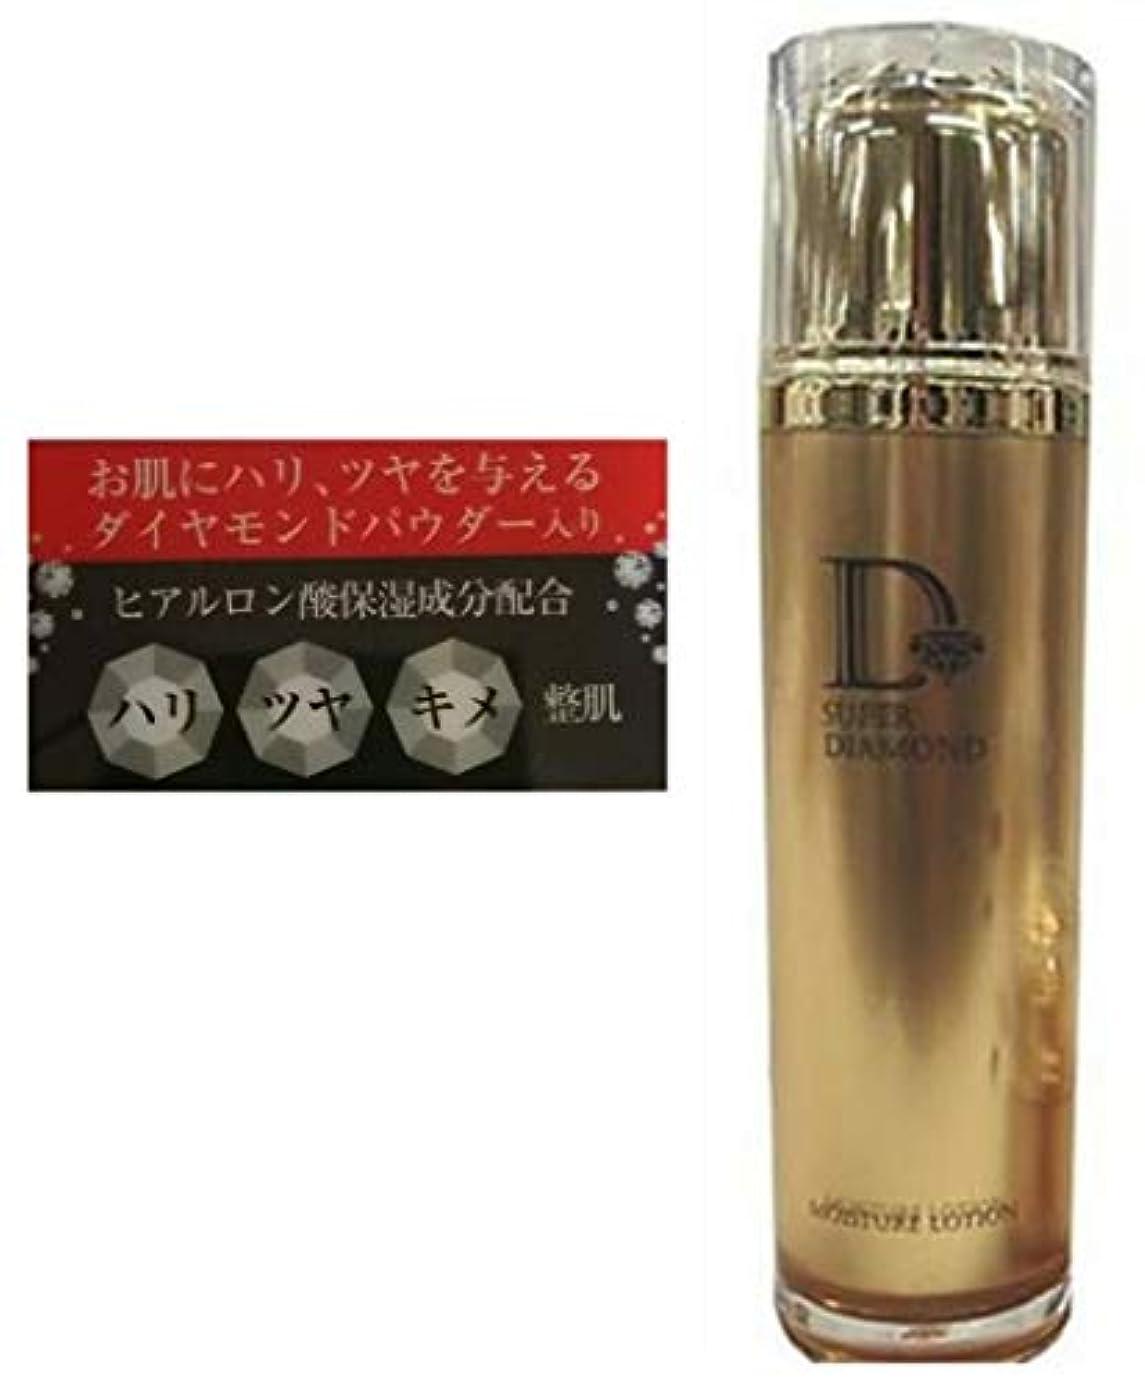 降臨シンカン役に立たないスーパーダイヤモンド 保湿化粧水 ハリ ツヤ キメ ダイヤモンド 日本製 保湿 化粧水 ヒアルロン酸